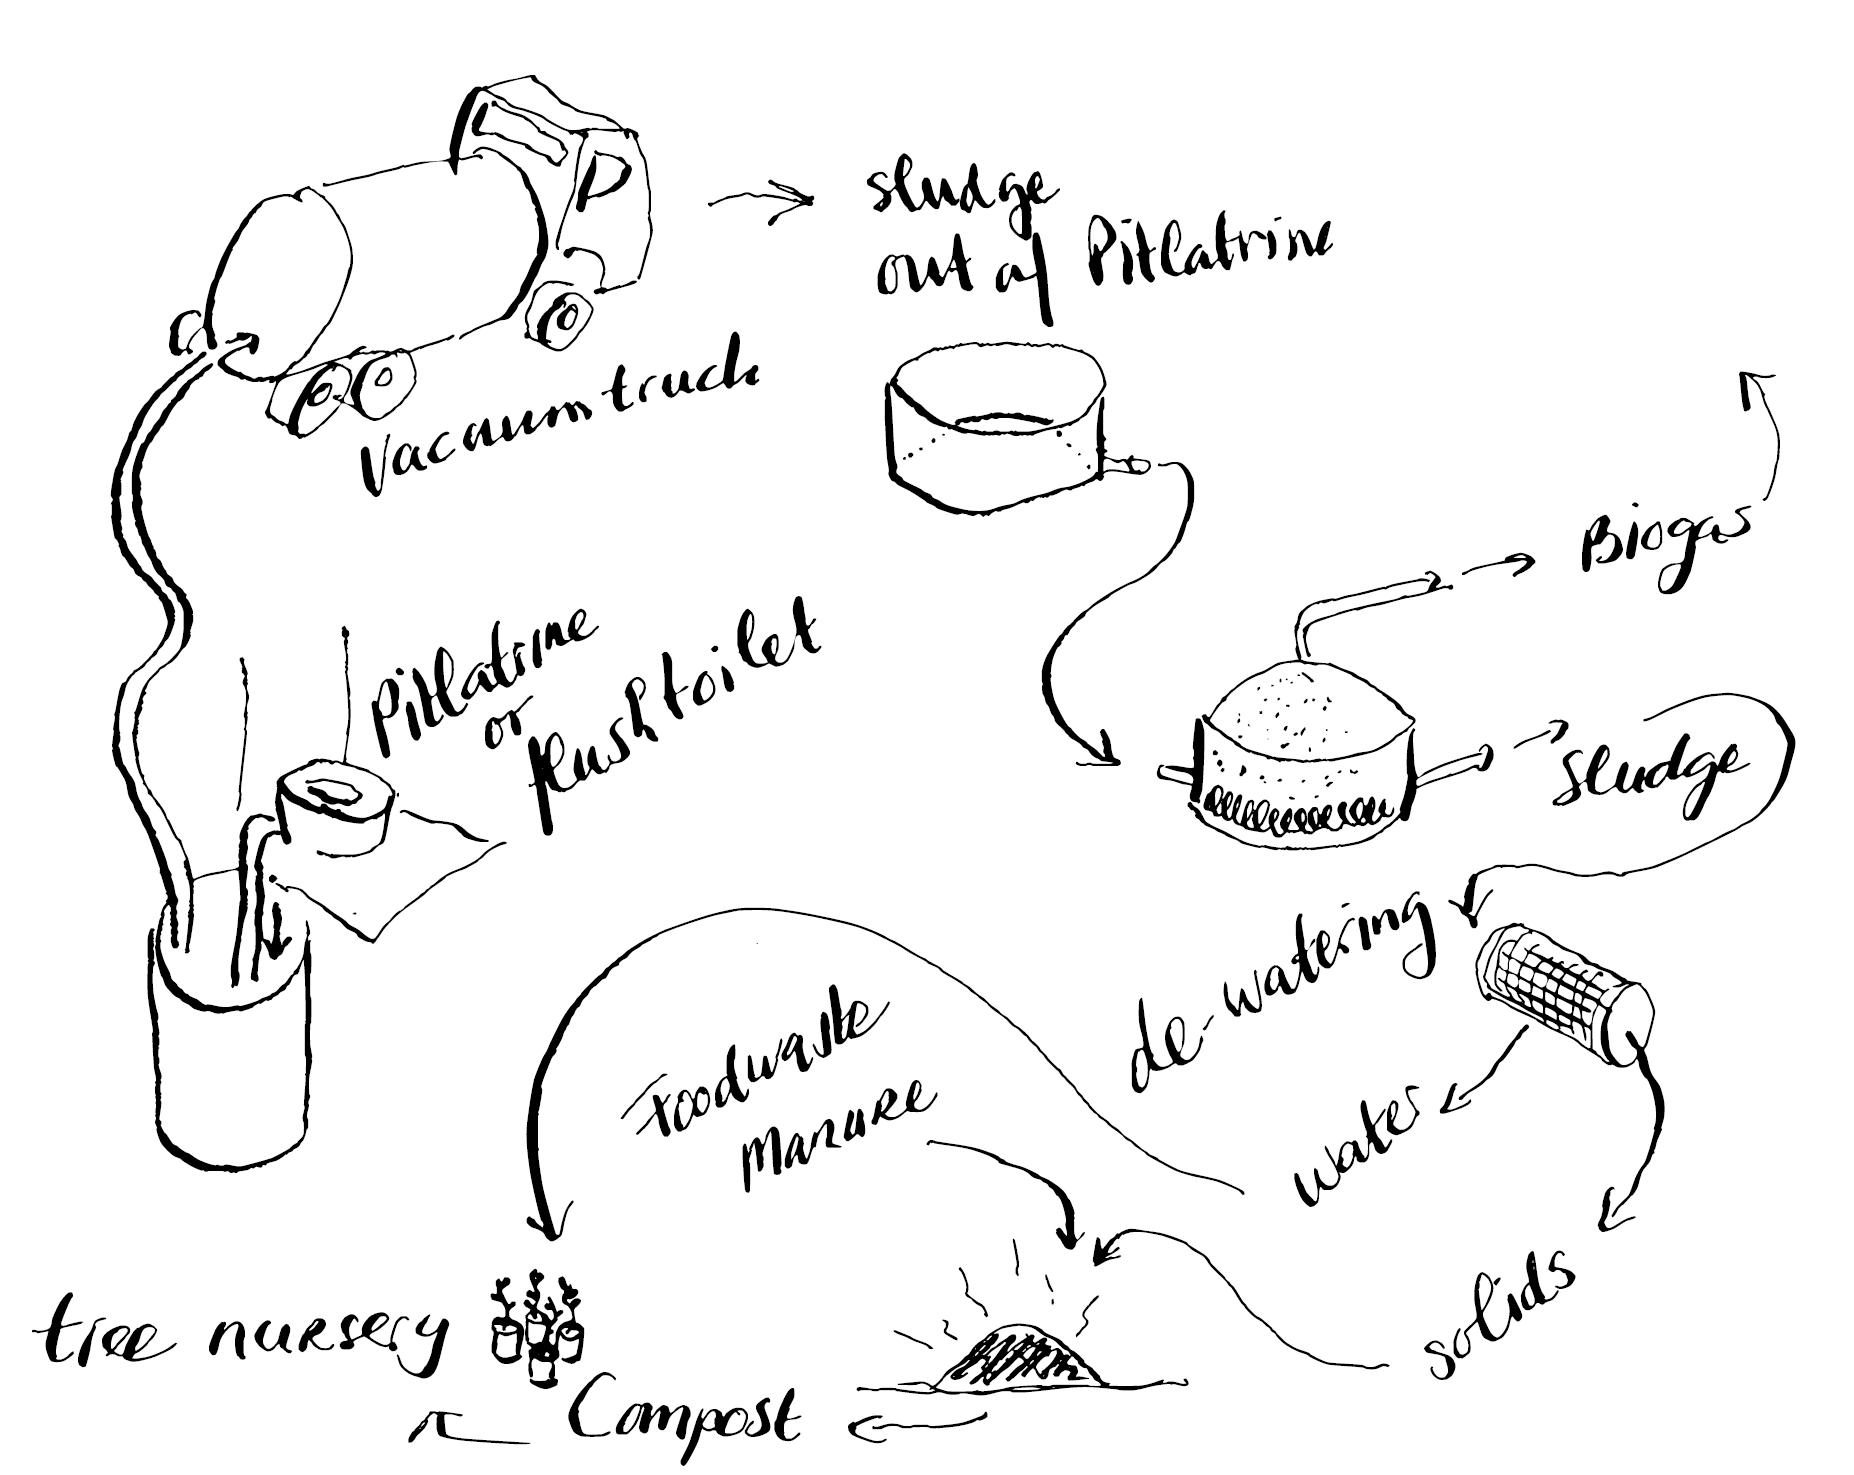 proces sketch